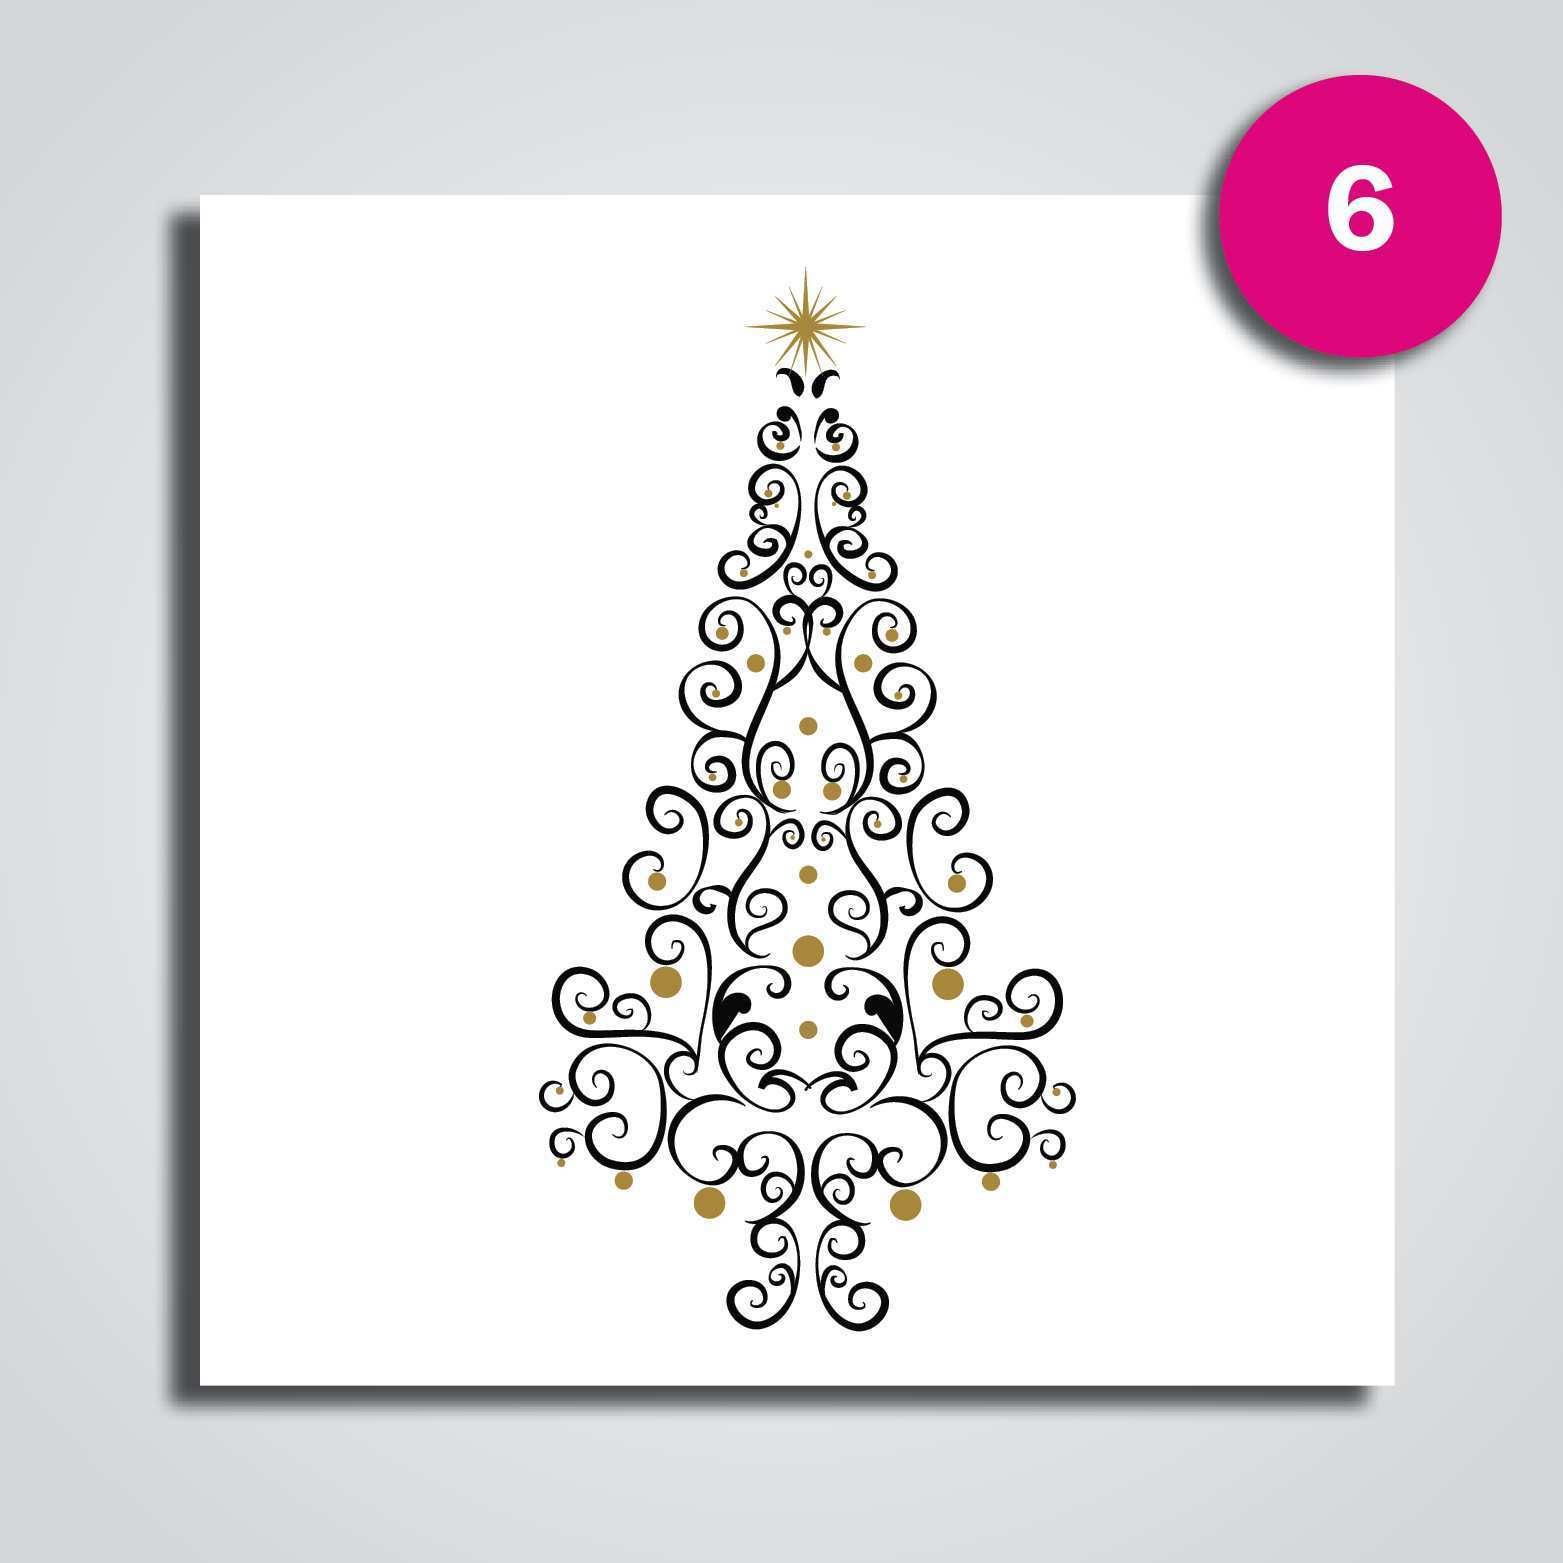 17 Printable Christmas Card Design Templates Ks2 in Word with Christmas Card Design Templates Ks2